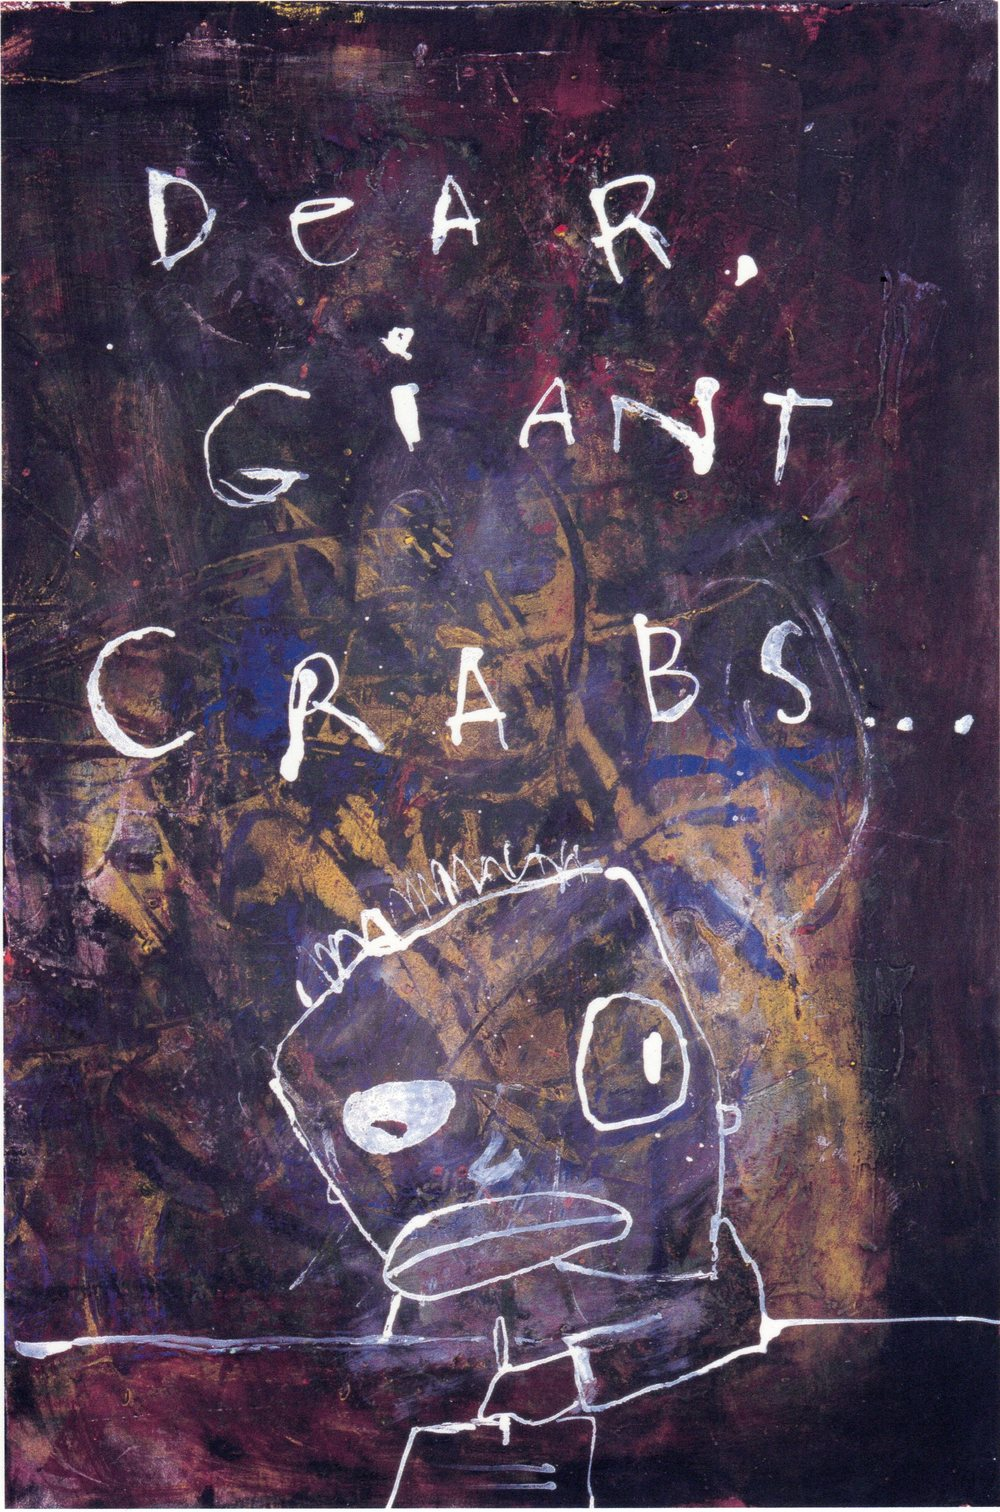 Giant Crabs, 1997